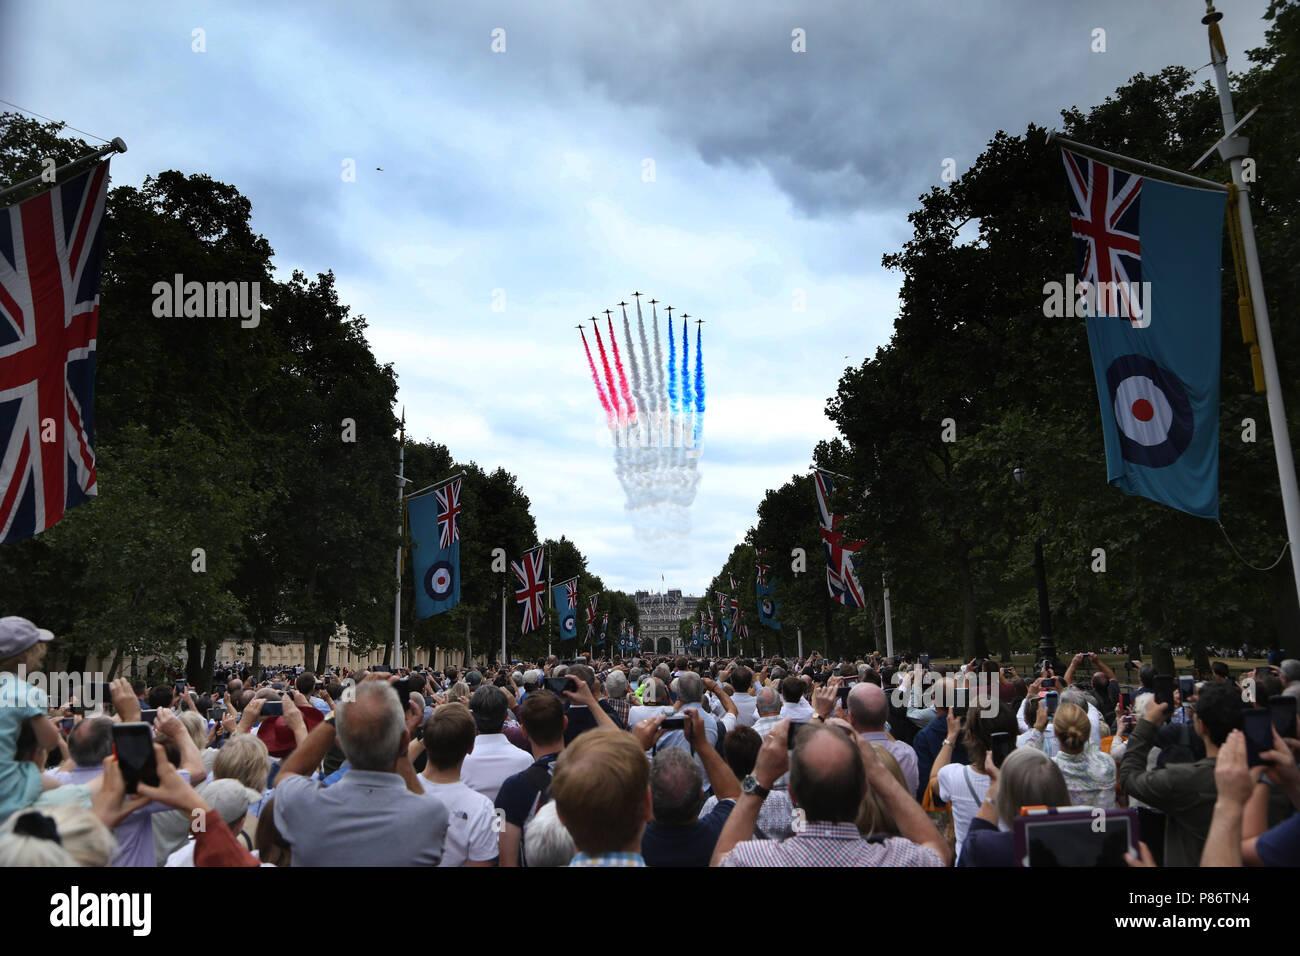 London, Großbritannien. 10. Juli 2018. Die roten Pfeile während einer spektakulären flypast oberhalb der Mall in London, und ist das Herzstück der 100. Jahrestag der Royal Air Force. RAF 100-jähriges Jubiläum feiern, London, am 10. Juli 2018. Credit: Paul Marriott/Alamy leben Nachrichten Stockfoto